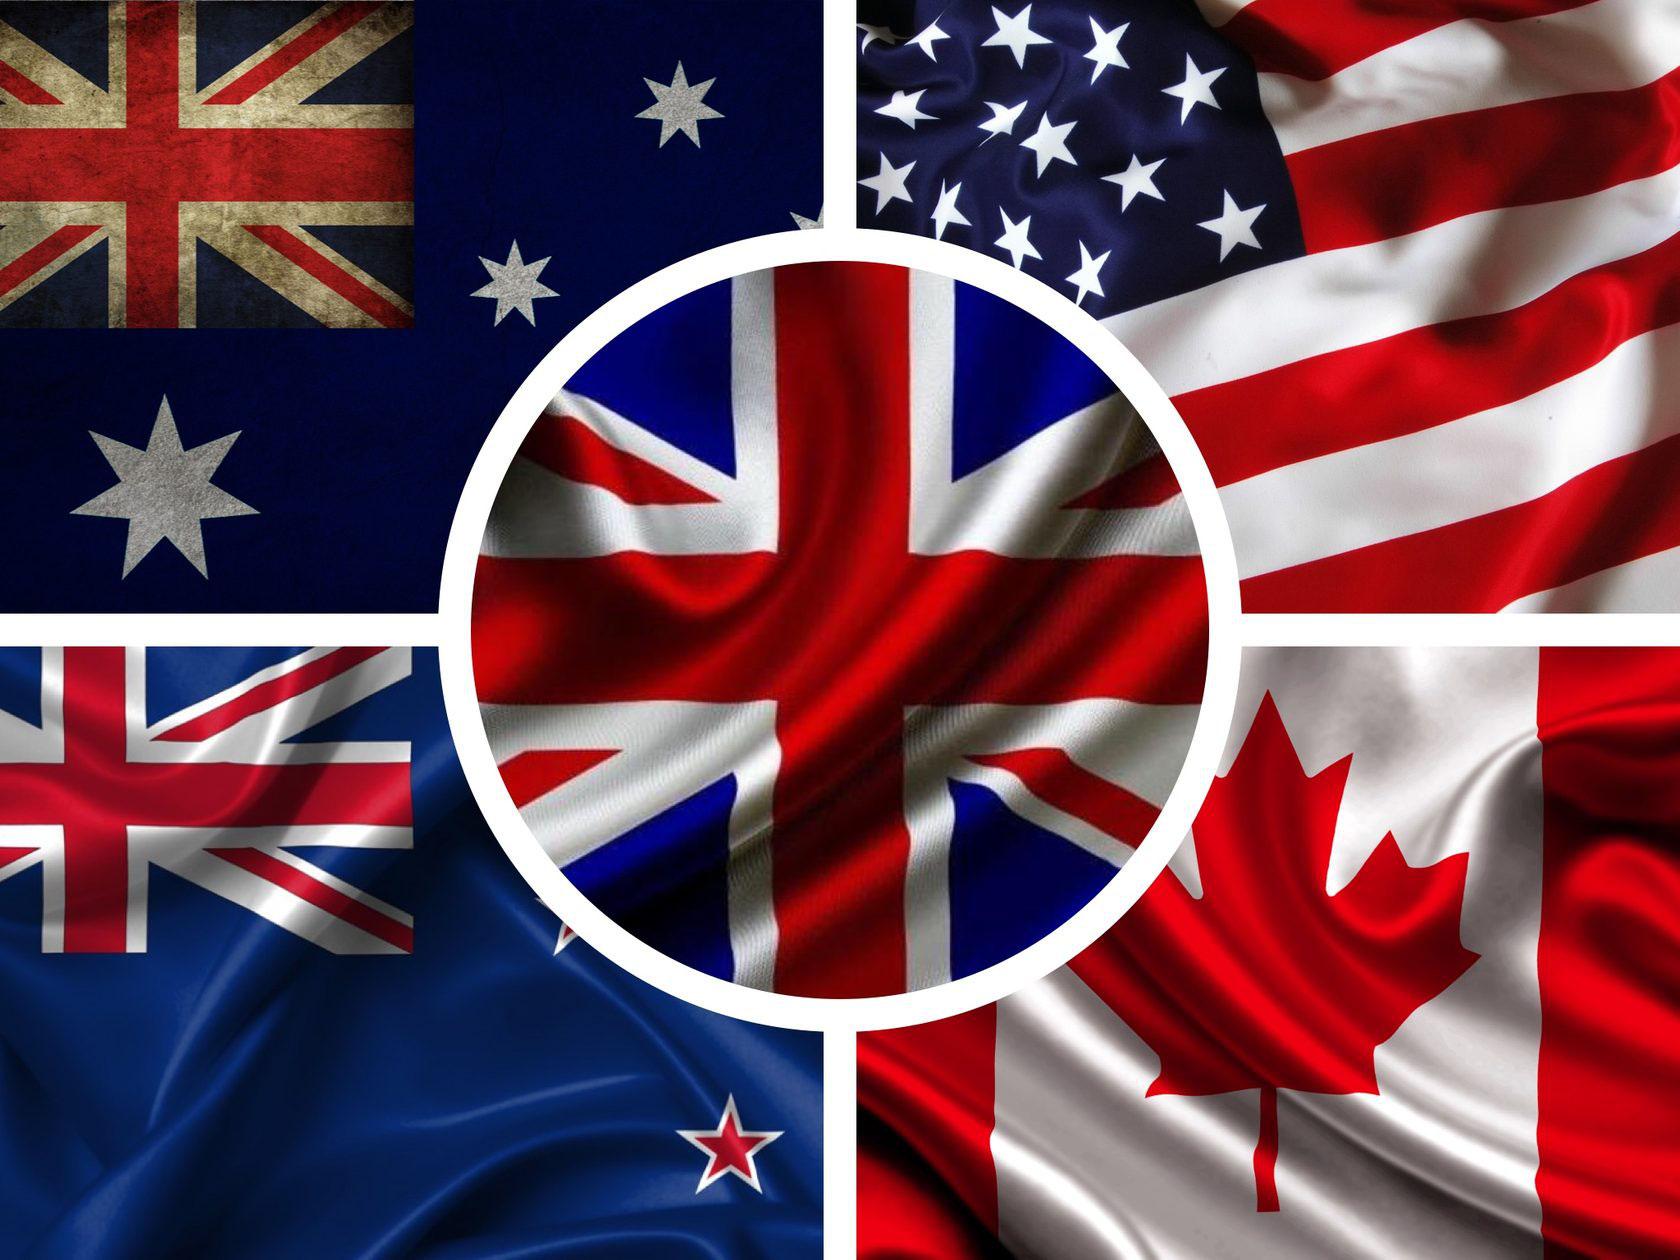 флаги англоязычных стран фото список предприятий, которые